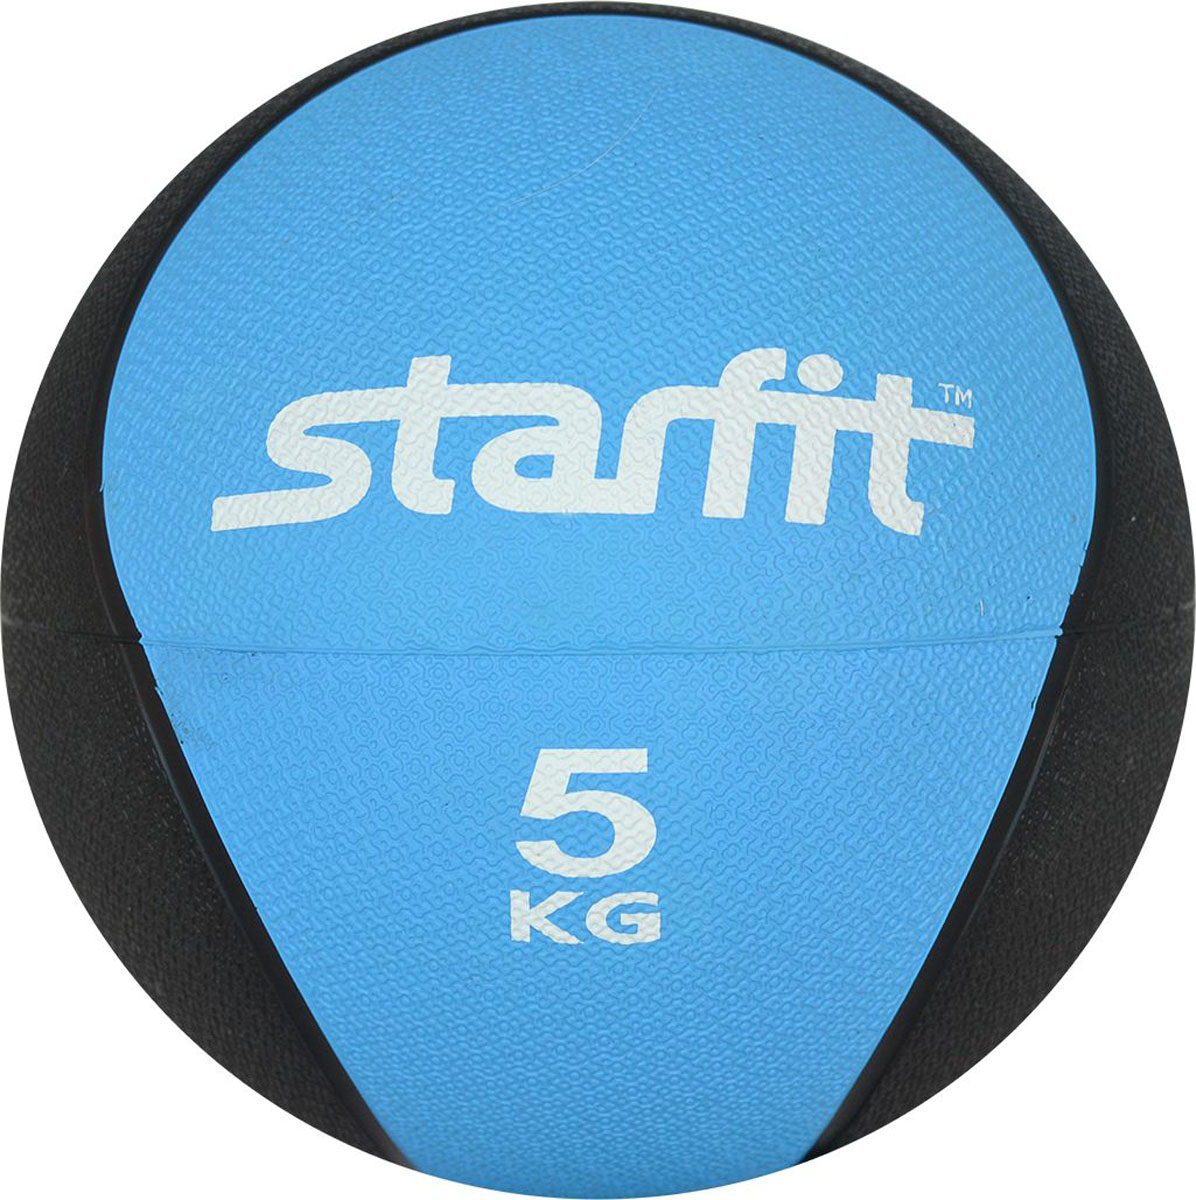 Медицинбол Starfit Pro GB-702, цвет: синий, 5 кгУТ-00007303Медицинбол Starfit Pro GB-702 - это важный аксессуар для функциональной тренировки тела. Серия медболов PRO Starfit отличается повышенной плотностью и жесткостью поверхности, а также ярким цветным дизайном.Медбол используют в групповых программах, функциональном тренинге, бодибилдинге и фитнесе. Также его используют профессиональные спортсмены в единоборствах. Помогает в тренировке мышц кора (пресса), мышц рук, грудной клетки, спины, плеч, ног и ягодиц. Фактически с помощью него можно провести полноценную тренировку для всего организма.Характеристики:Вес: 5 кг.Диаметр: 22,8 см.